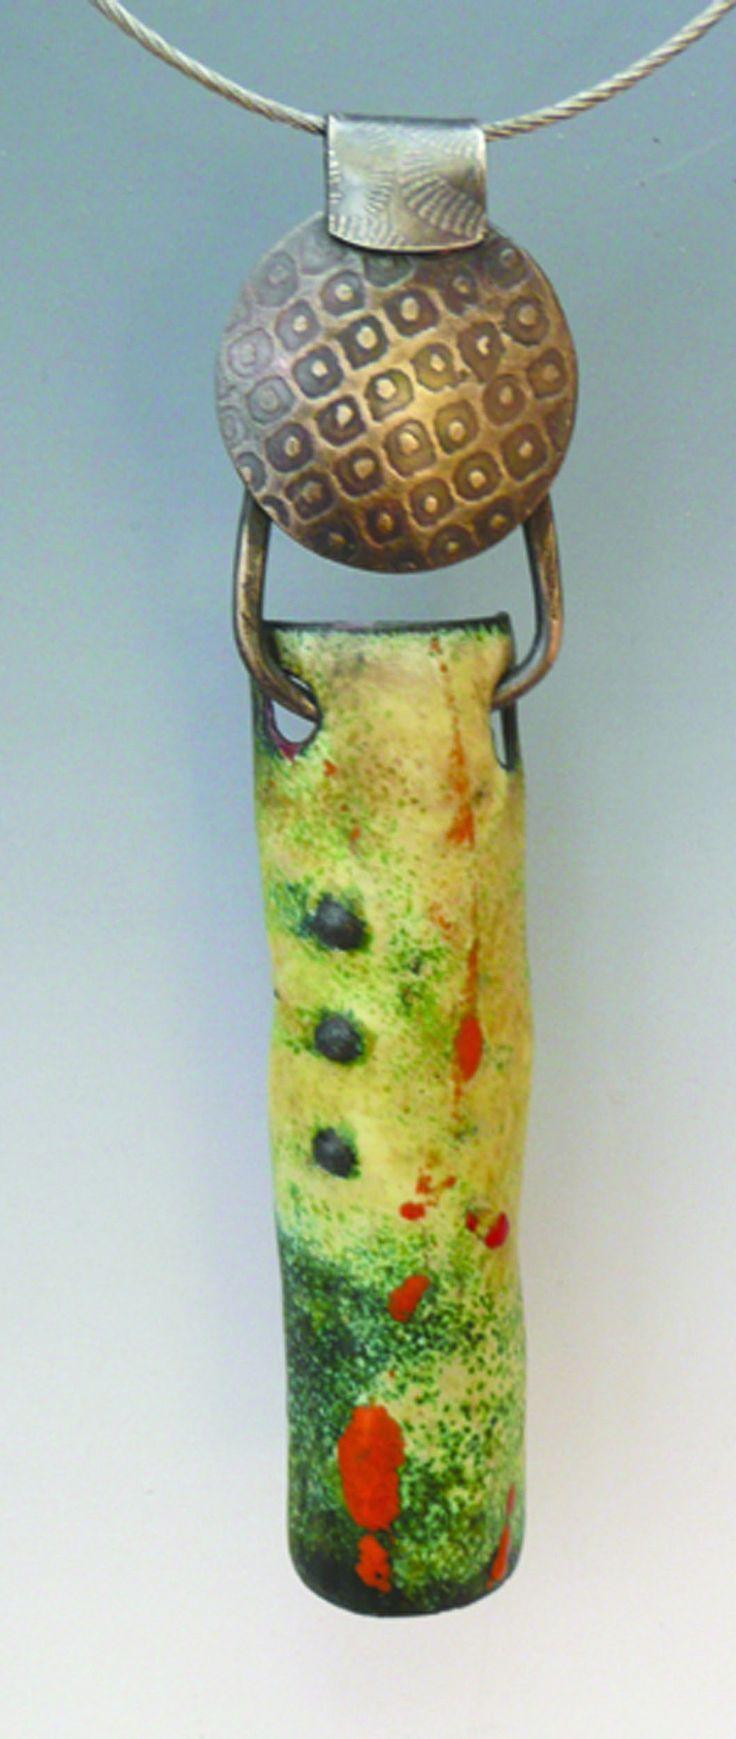 Enamel Pipe 2 by Patti Wells